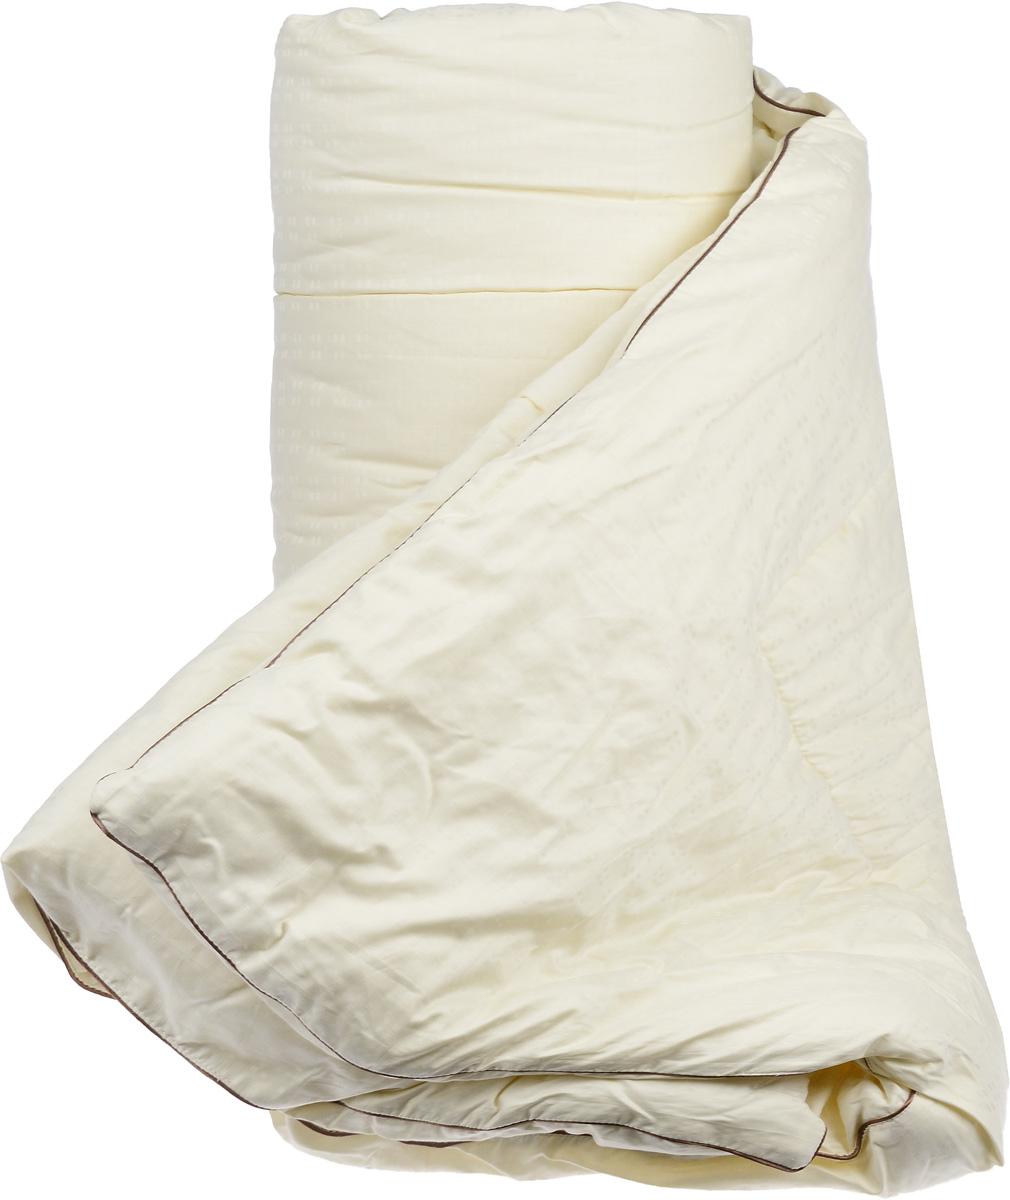 Одеяло теплое Легкие сны Милана, наполнитель: шерсть кашмирской козы, 200 х 220 см200(34)03-КШТеплое одеяло Легкие сны Милана с наполнителем из шерсти кашмирской козы расслабит, снимет усталость и подарит вам спокойный и здоровый сон. Пух горной козы не содержит органических жиров, в нем не заводятся пылевые клещи, вызывающие аллергические реакции. Он очень легкий и обладает отличной теплоемкостью. Одеяла из такого наполнителя имеют широкий диапазон климатической комфортности и благоприятно влияют на самочувствие людей, страдающих заболеваниями опорно-двигательной системы. Шерстяные волокна, получаемые из чесаной шерсти горной козы, имеют полую структуру, придающую изделиям высокую износоустойчивость. Чехол одеяла, выполненный из сатина (100% хлопка), отлично пропускает воздух, создавая эффект сухого тепла. Одеяло простегано и окантовано. Стежка надежно удерживает наполнитель внутри и не позволяет ему скатываться. Плотность наполнителя: 300 г/м2.